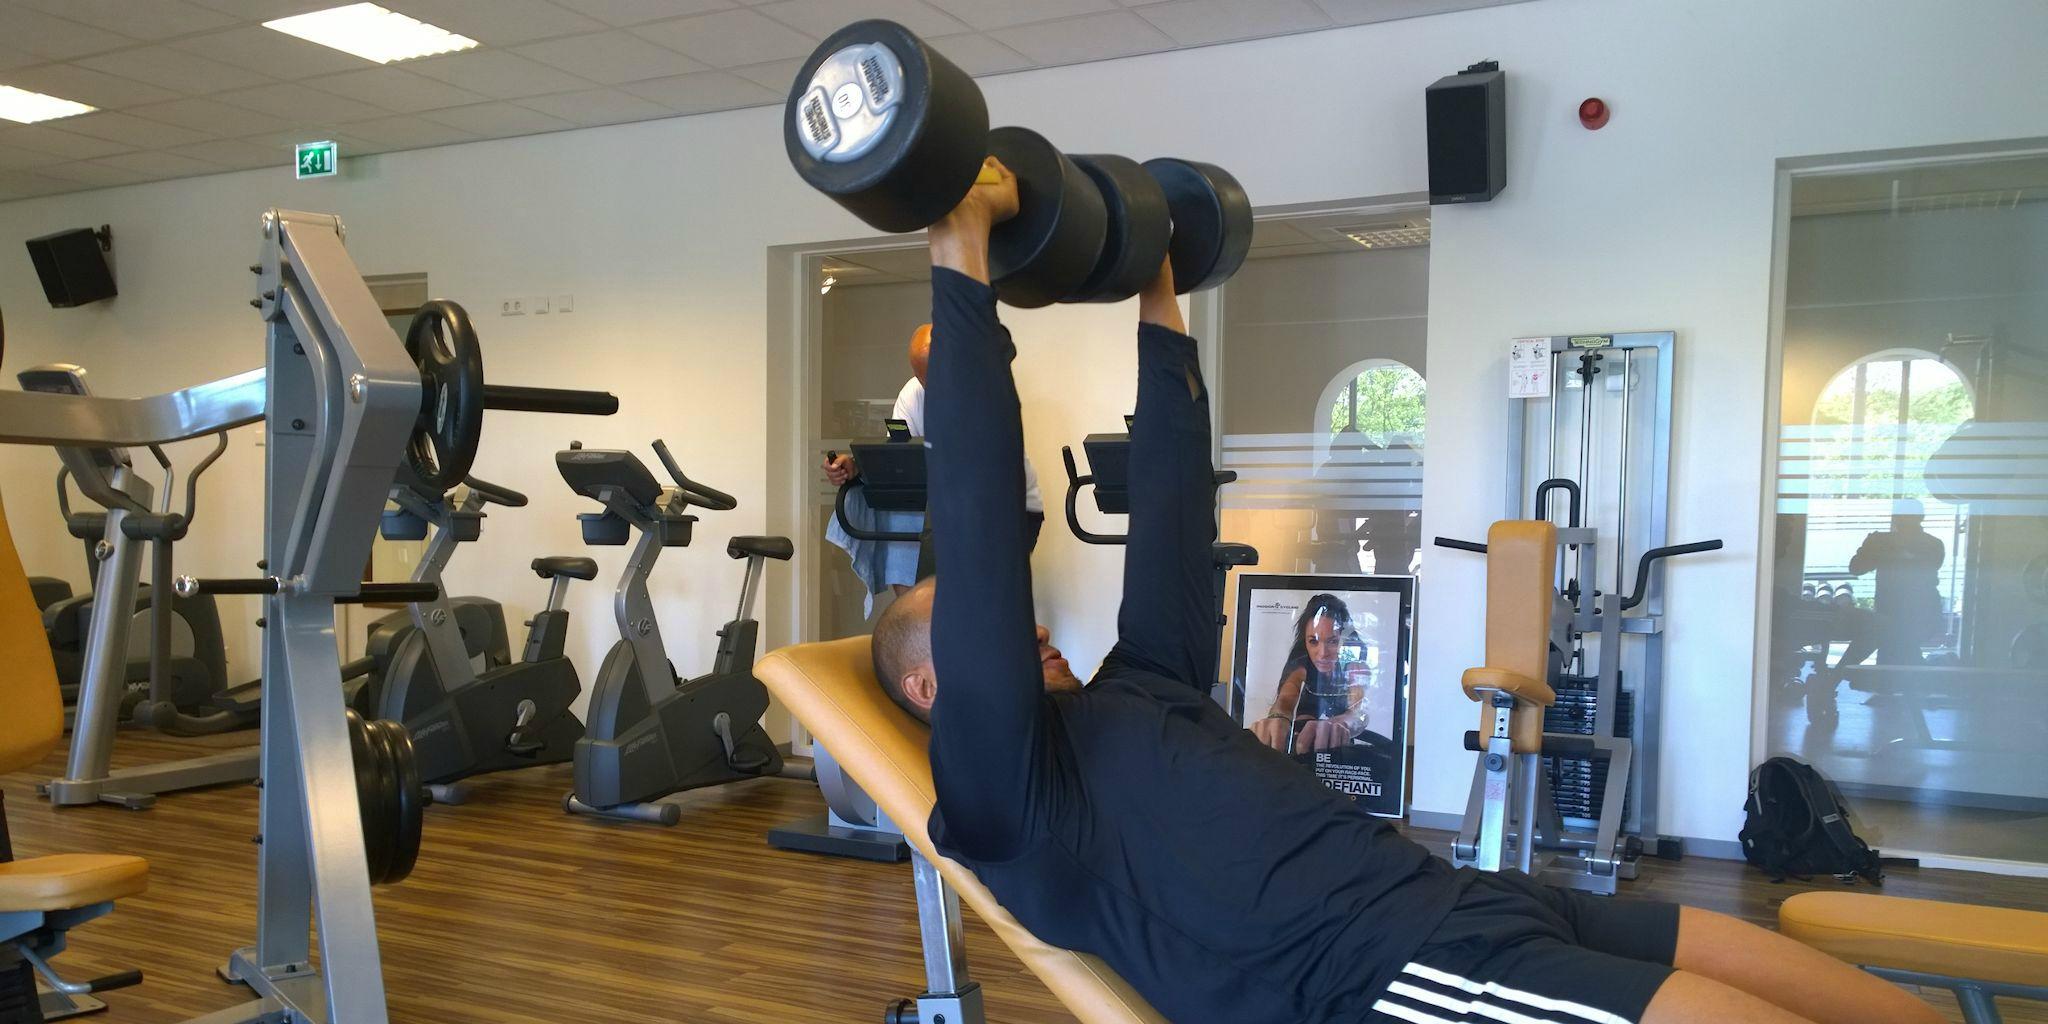 Exercise Assistant Individueel Trainingsschema in combinatie met krachttraining bij Fitness de Bataaf - Sportschool Den Haag.